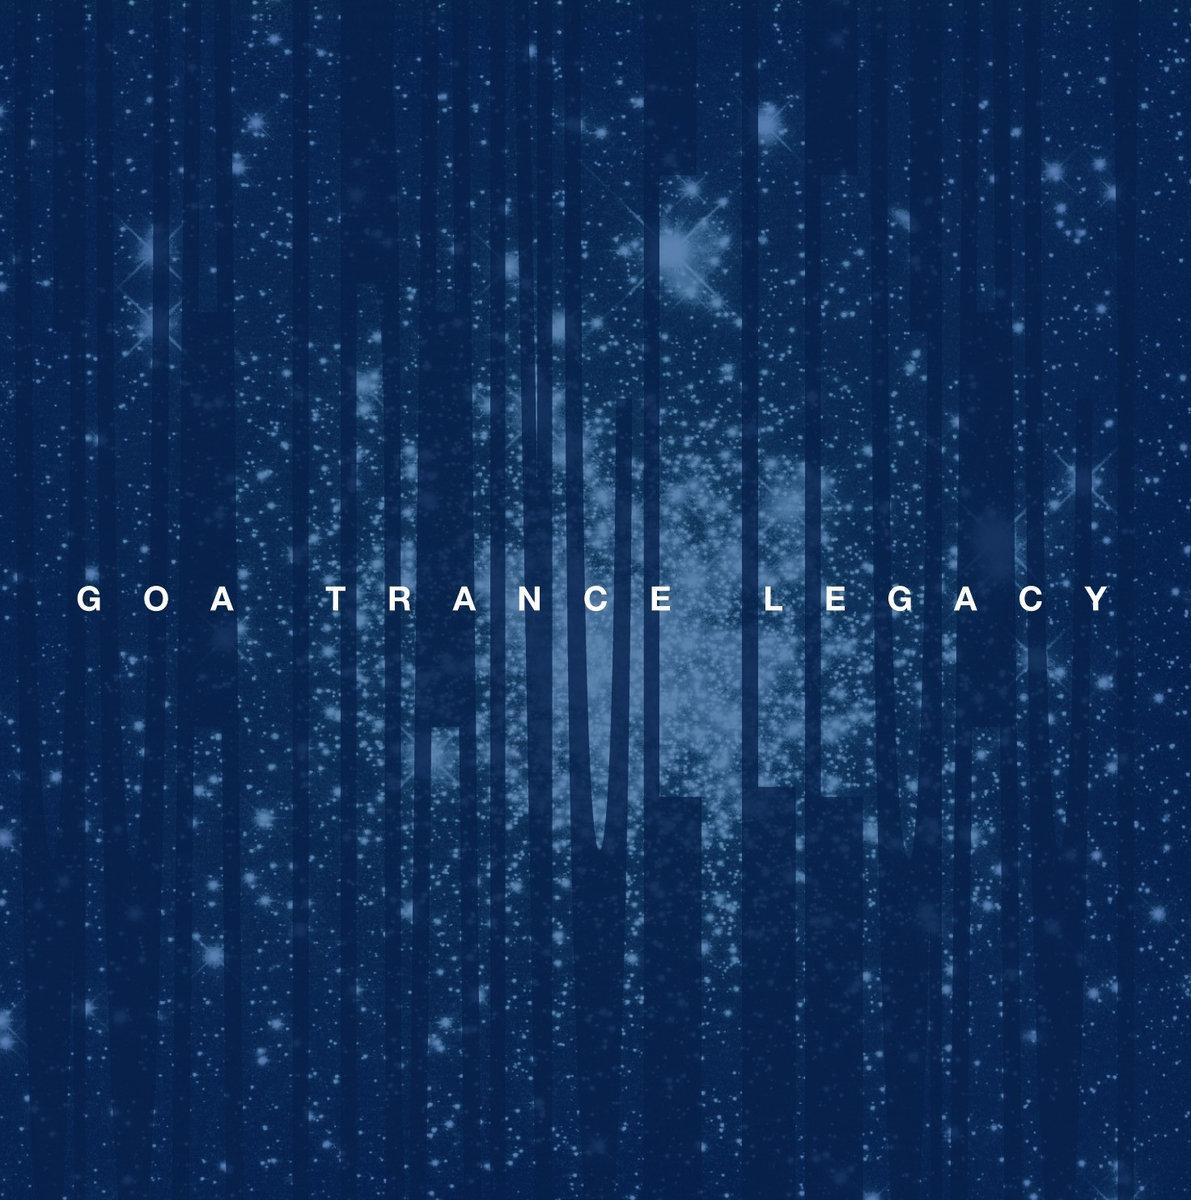 リリースインフォメーション : VA Goa Trance Legacy by Kanc Cover_c0311698_23404265.jpg